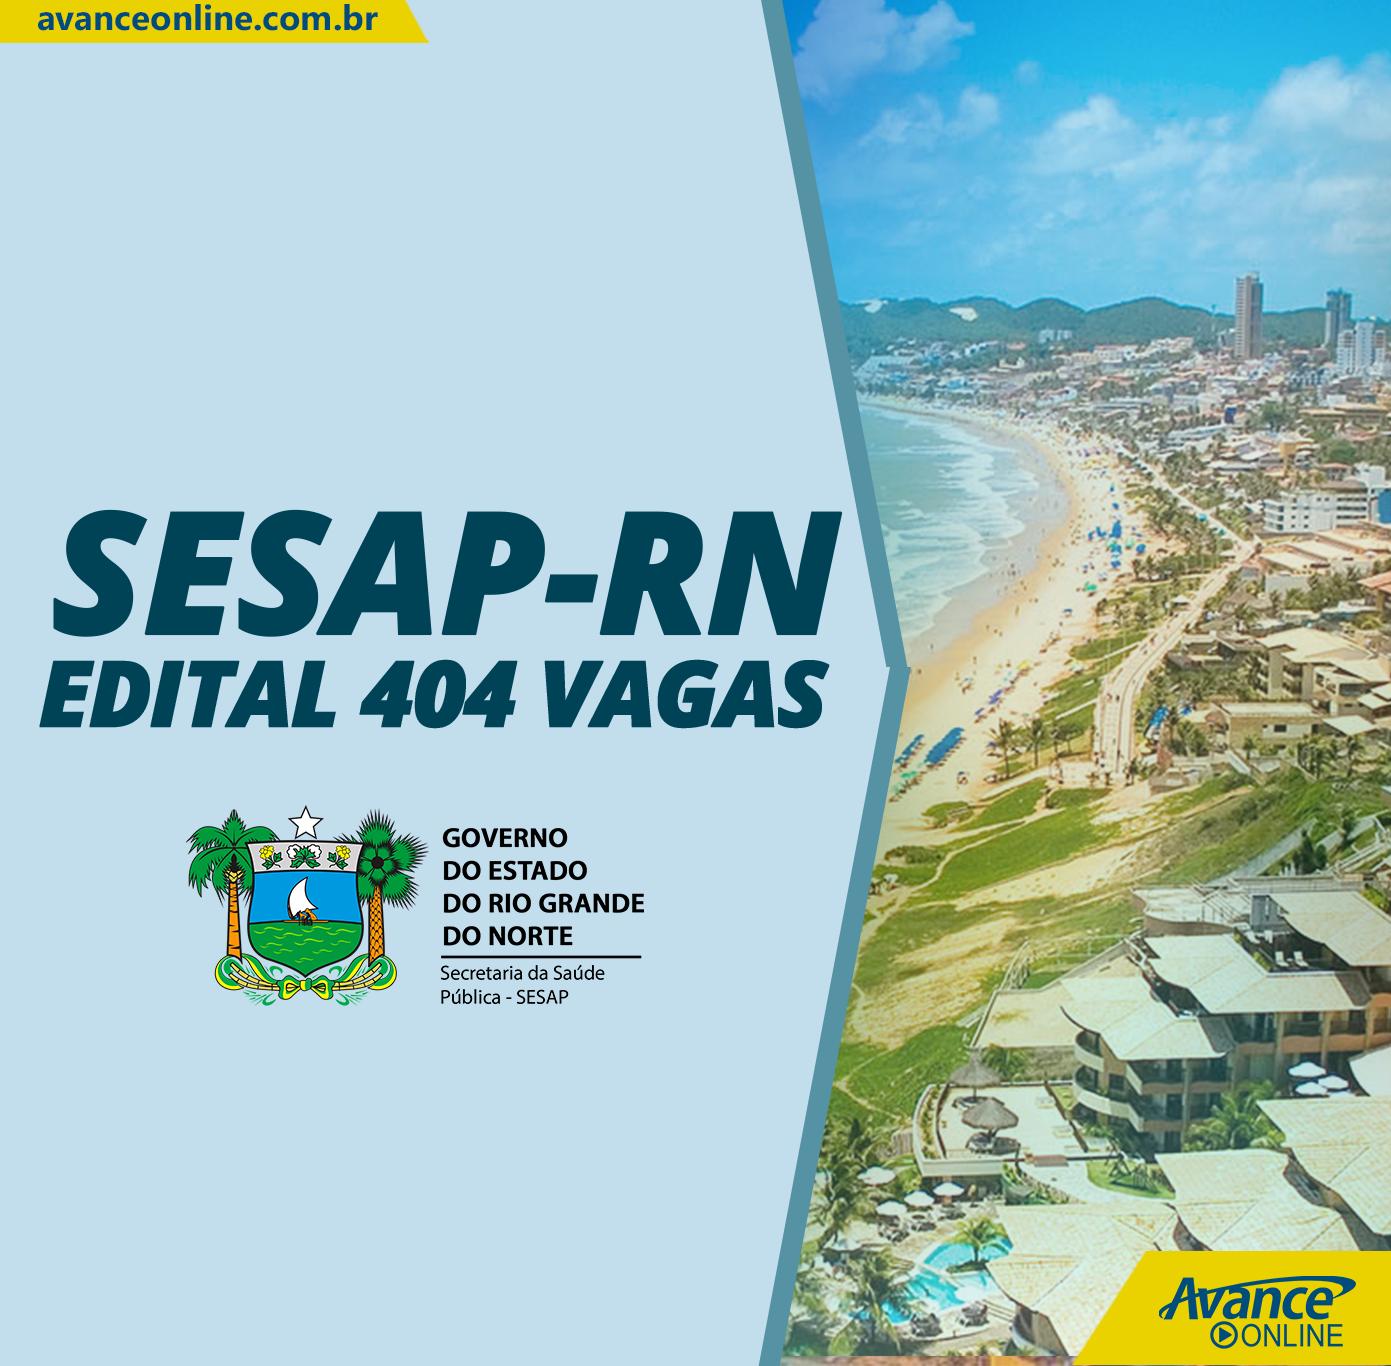 Resultado de imagem para SECRETARIA DE SAÚDE DO RN DIVULGA EDITAL DE CONCURSO COM 404 VAGAS